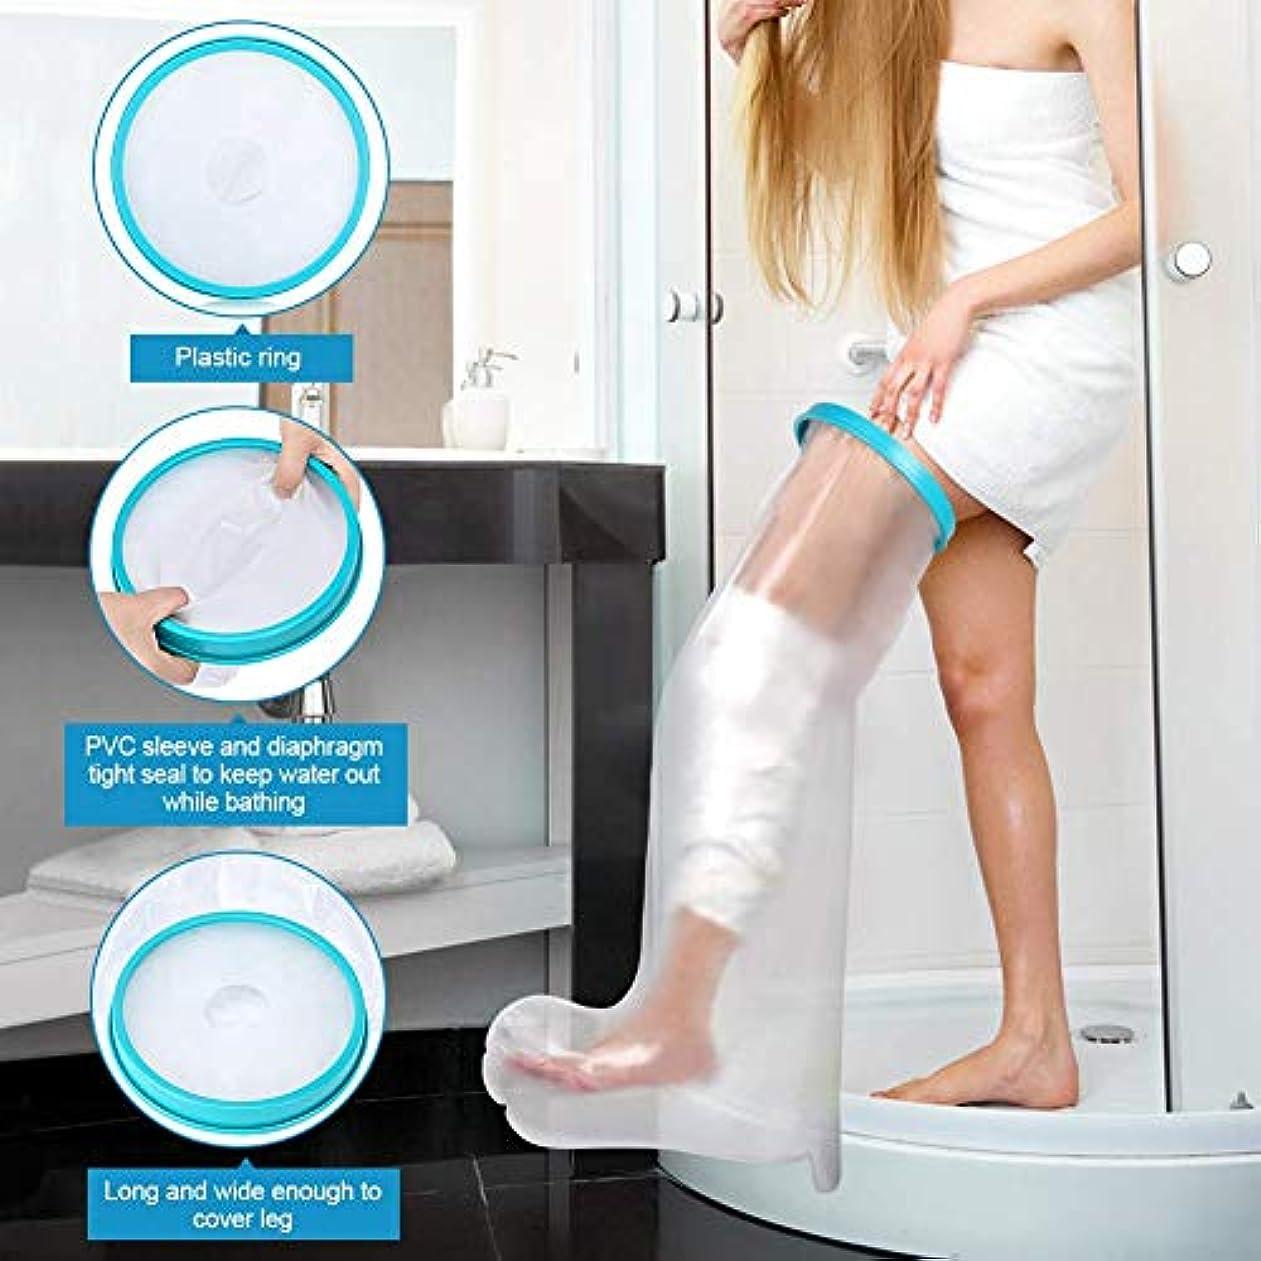 塩辛い勃起腐敗したシャワー、防水シールタイト大人脚キャストとシャワー、お風呂用包帯プロテクターとホット浴槽用脚キャストカバー